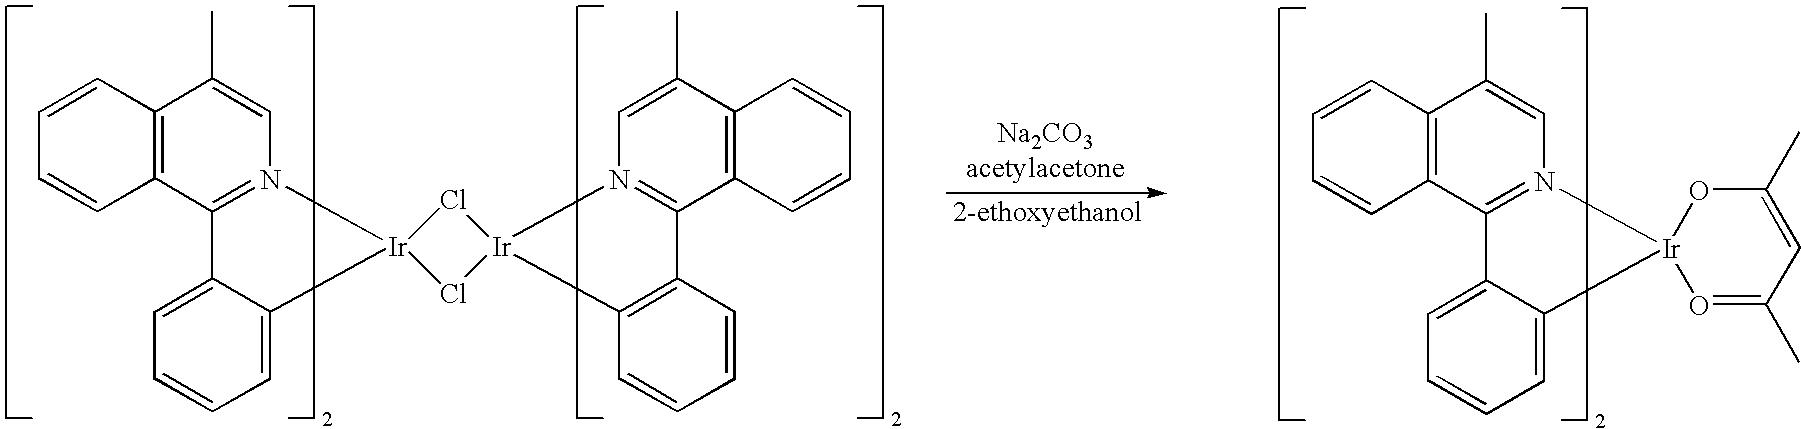 Figure US20070003789A1-20070104-C00077